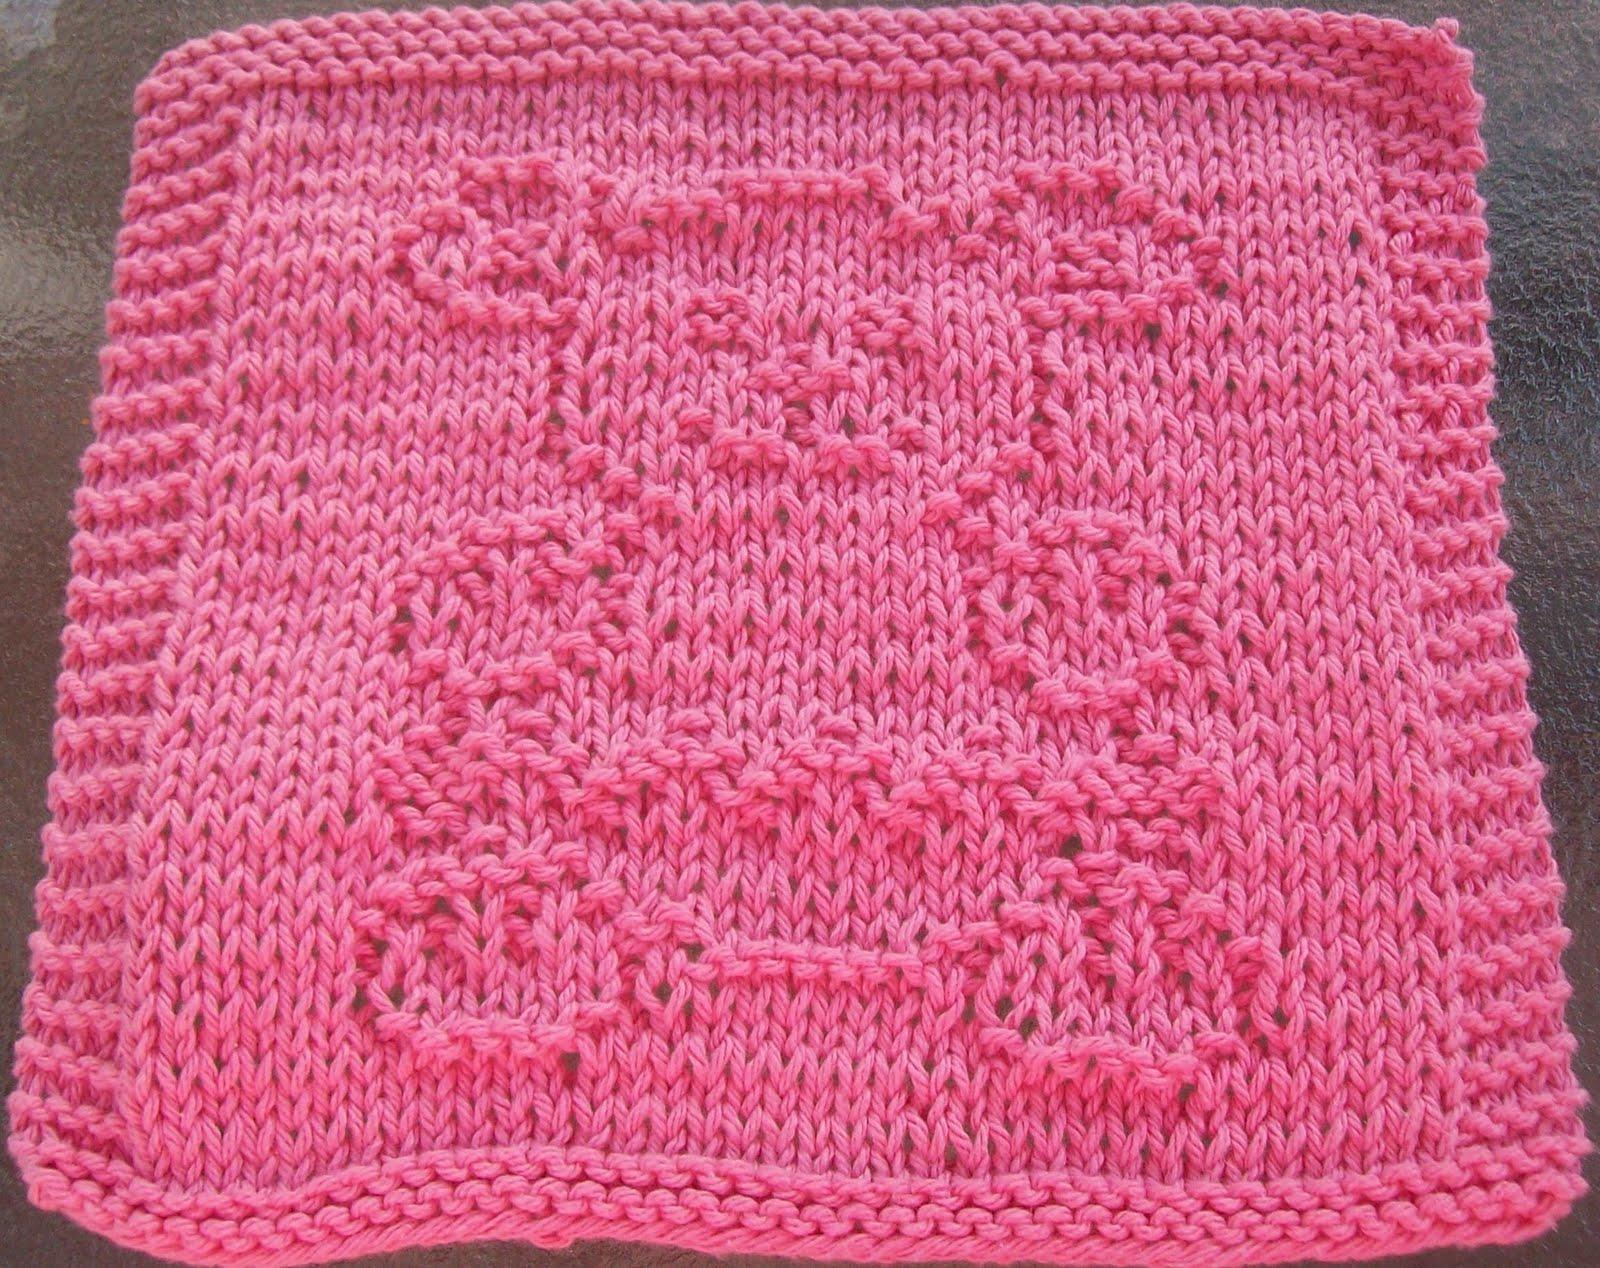 Knitted Teddy Bear Dishcloth Pattern : DigKnitty Designs: Bear in a Tutu Knit Dishcloth Pattern